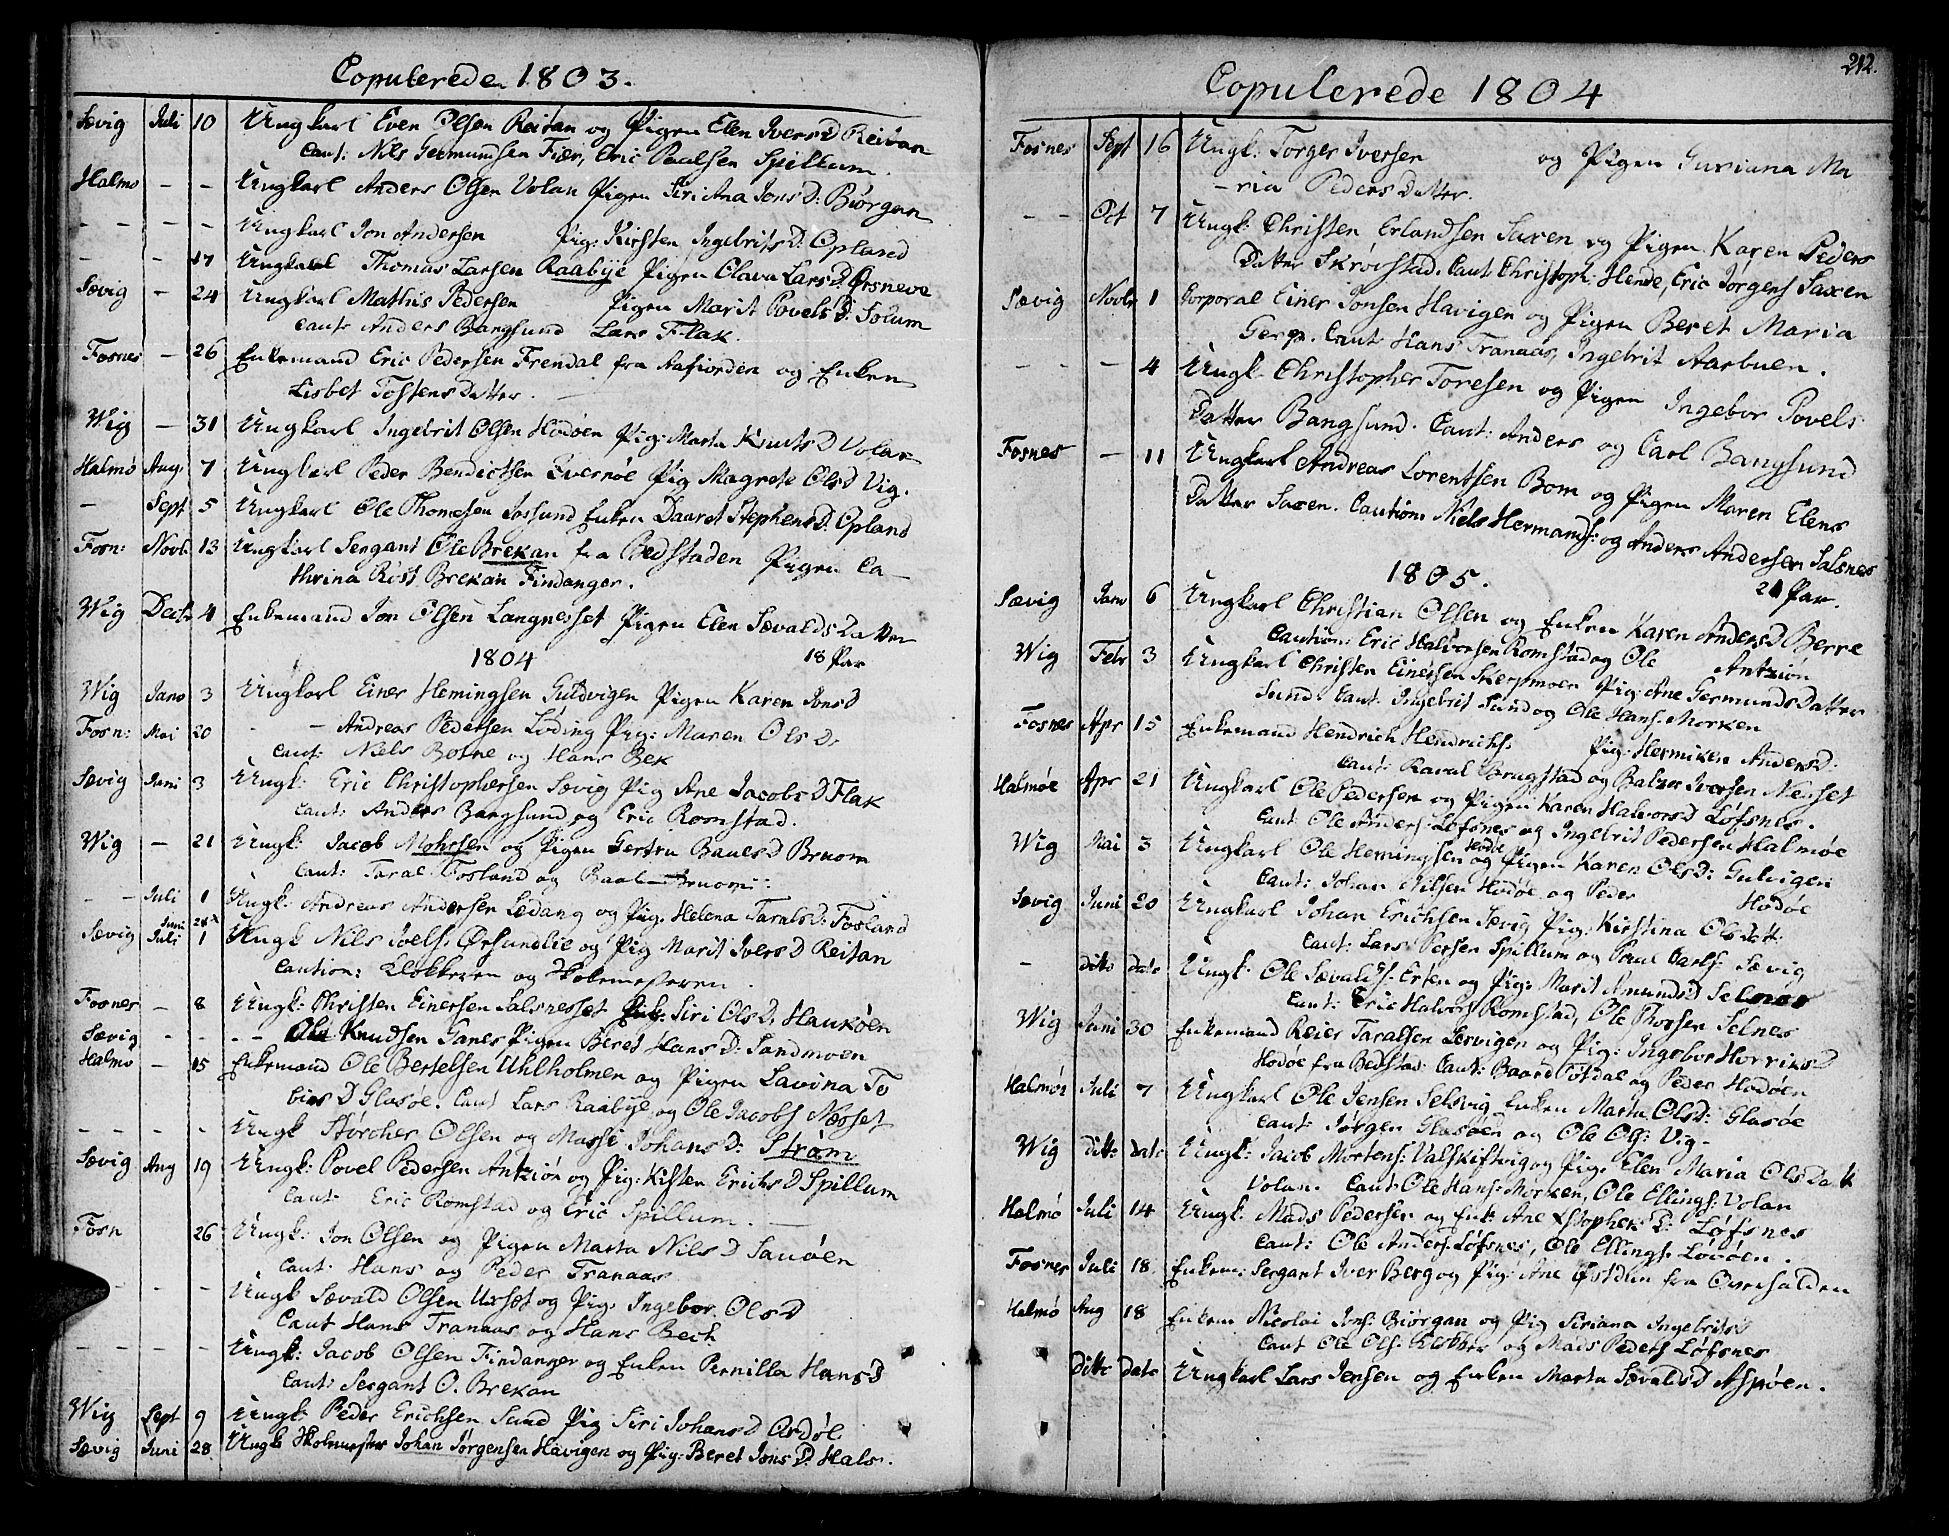 SAT, Ministerialprotokoller, klokkerbøker og fødselsregistre - Nord-Trøndelag, 773/L0608: Ministerialbok nr. 773A02, 1784-1816, s. 212